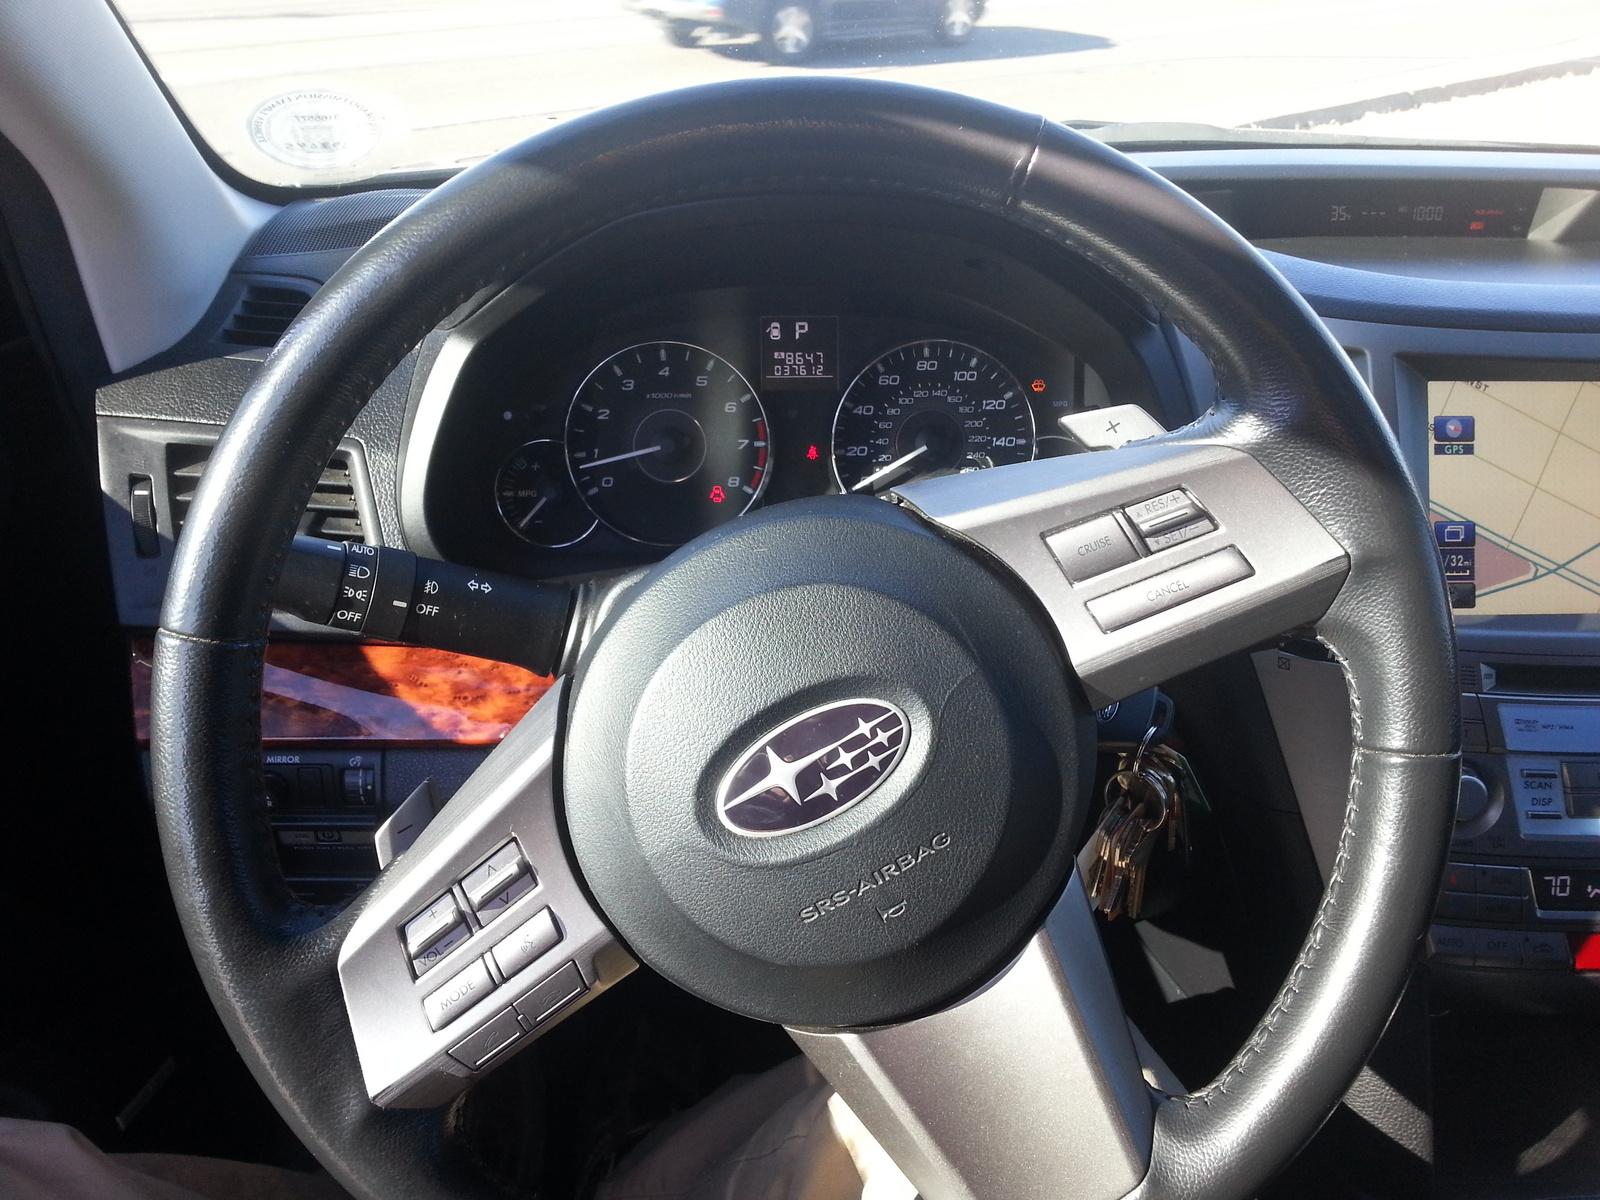 Subaru Legacy 3.6 R >> 2011 Subaru Outback - Interior Pictures - CarGurus